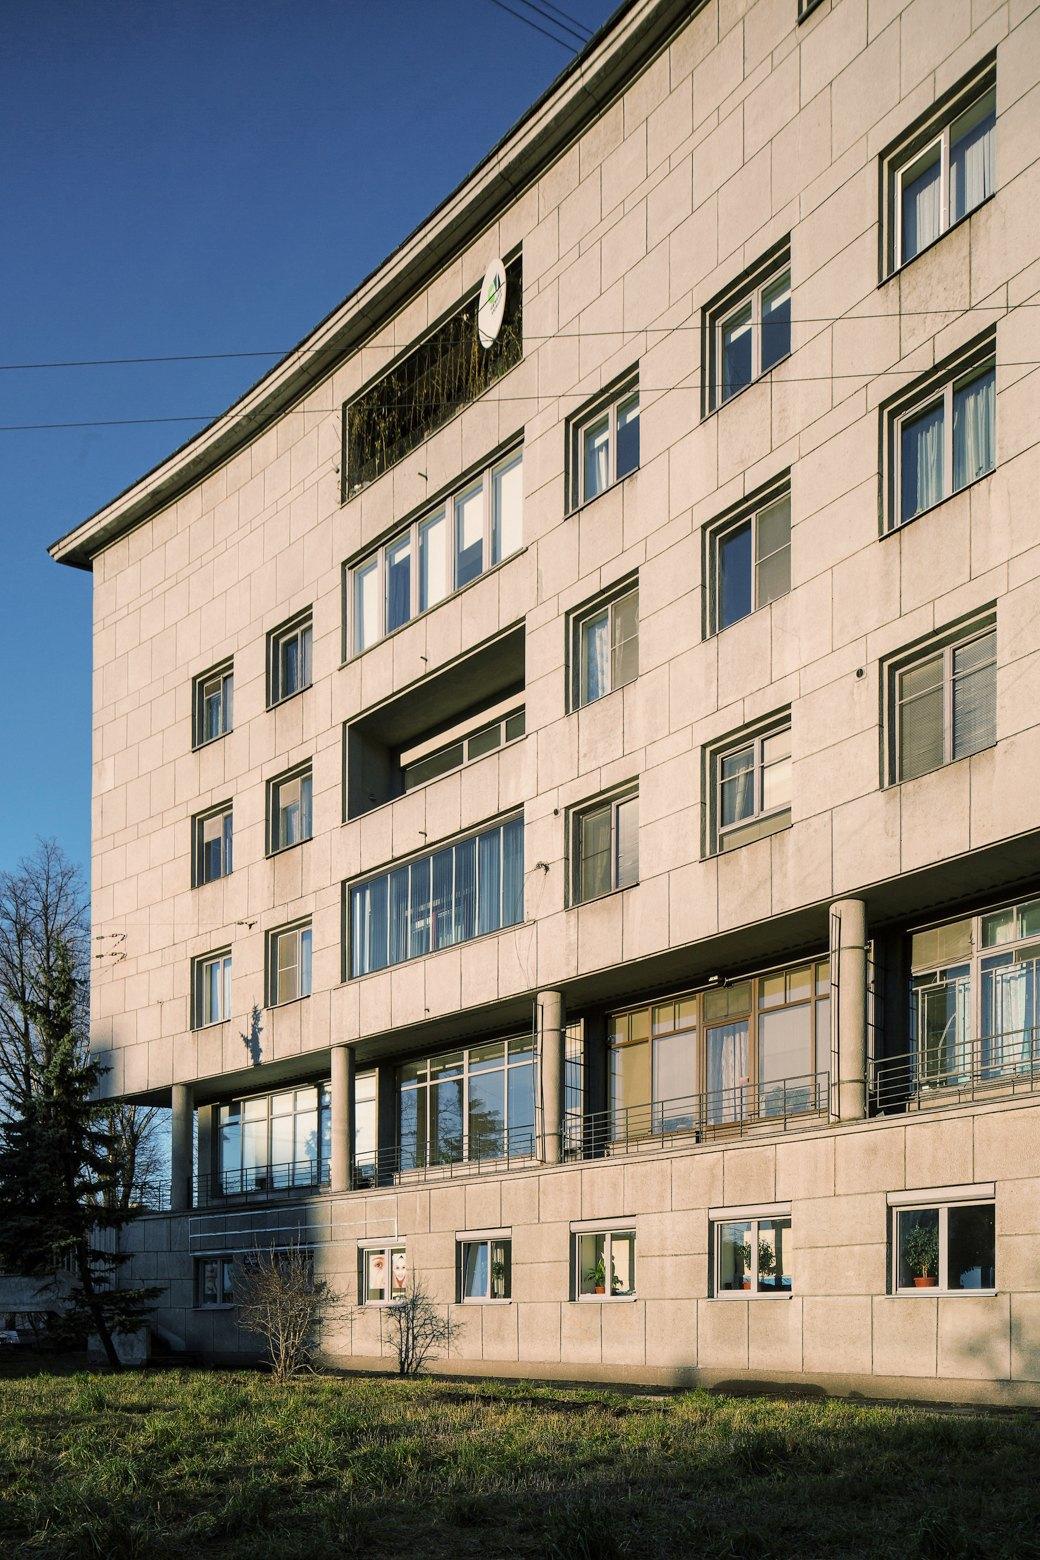 Яживу вдоме Ленсовета наКарповке (Петербург). Изображение № 6.